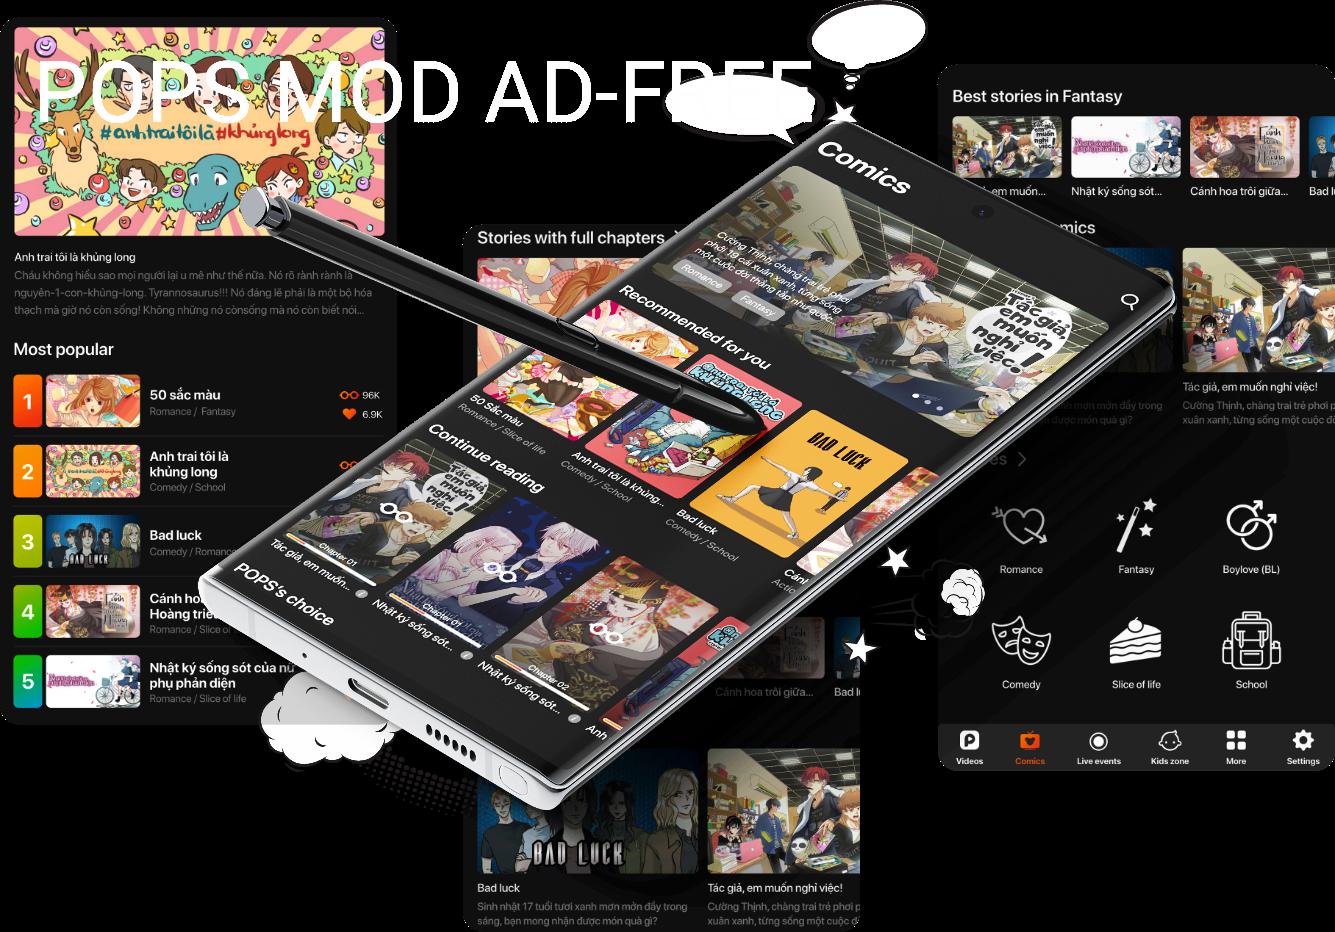 pops, pops adfree, pops mod, pops apk, ứng dụng pops, pops mod adfree, tải pops, tải ứng dụng pops